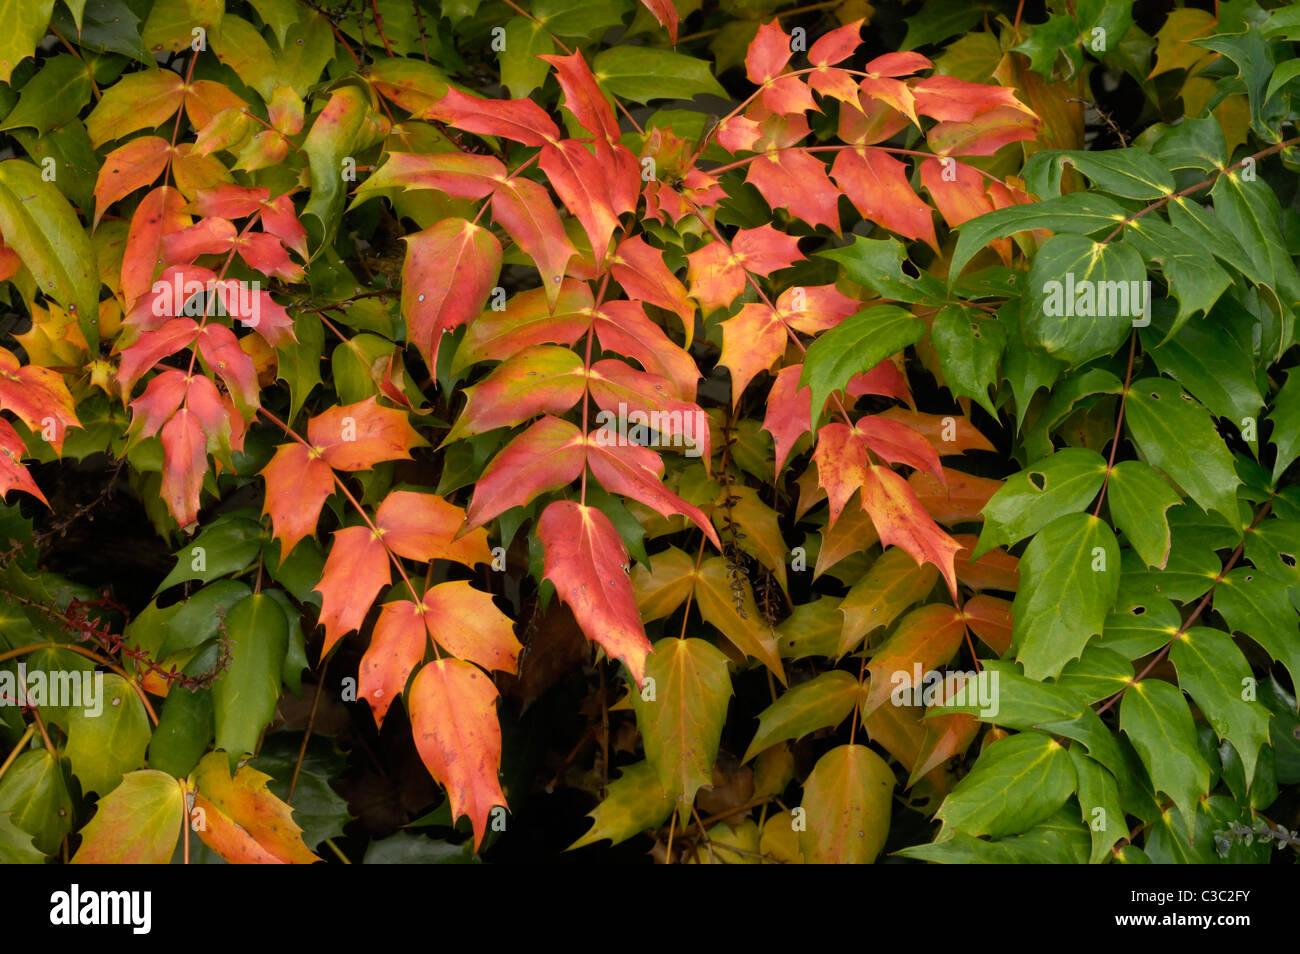 Red morendo foglie su un arbusto mahonia poco prima della fioritura Immagini Stock